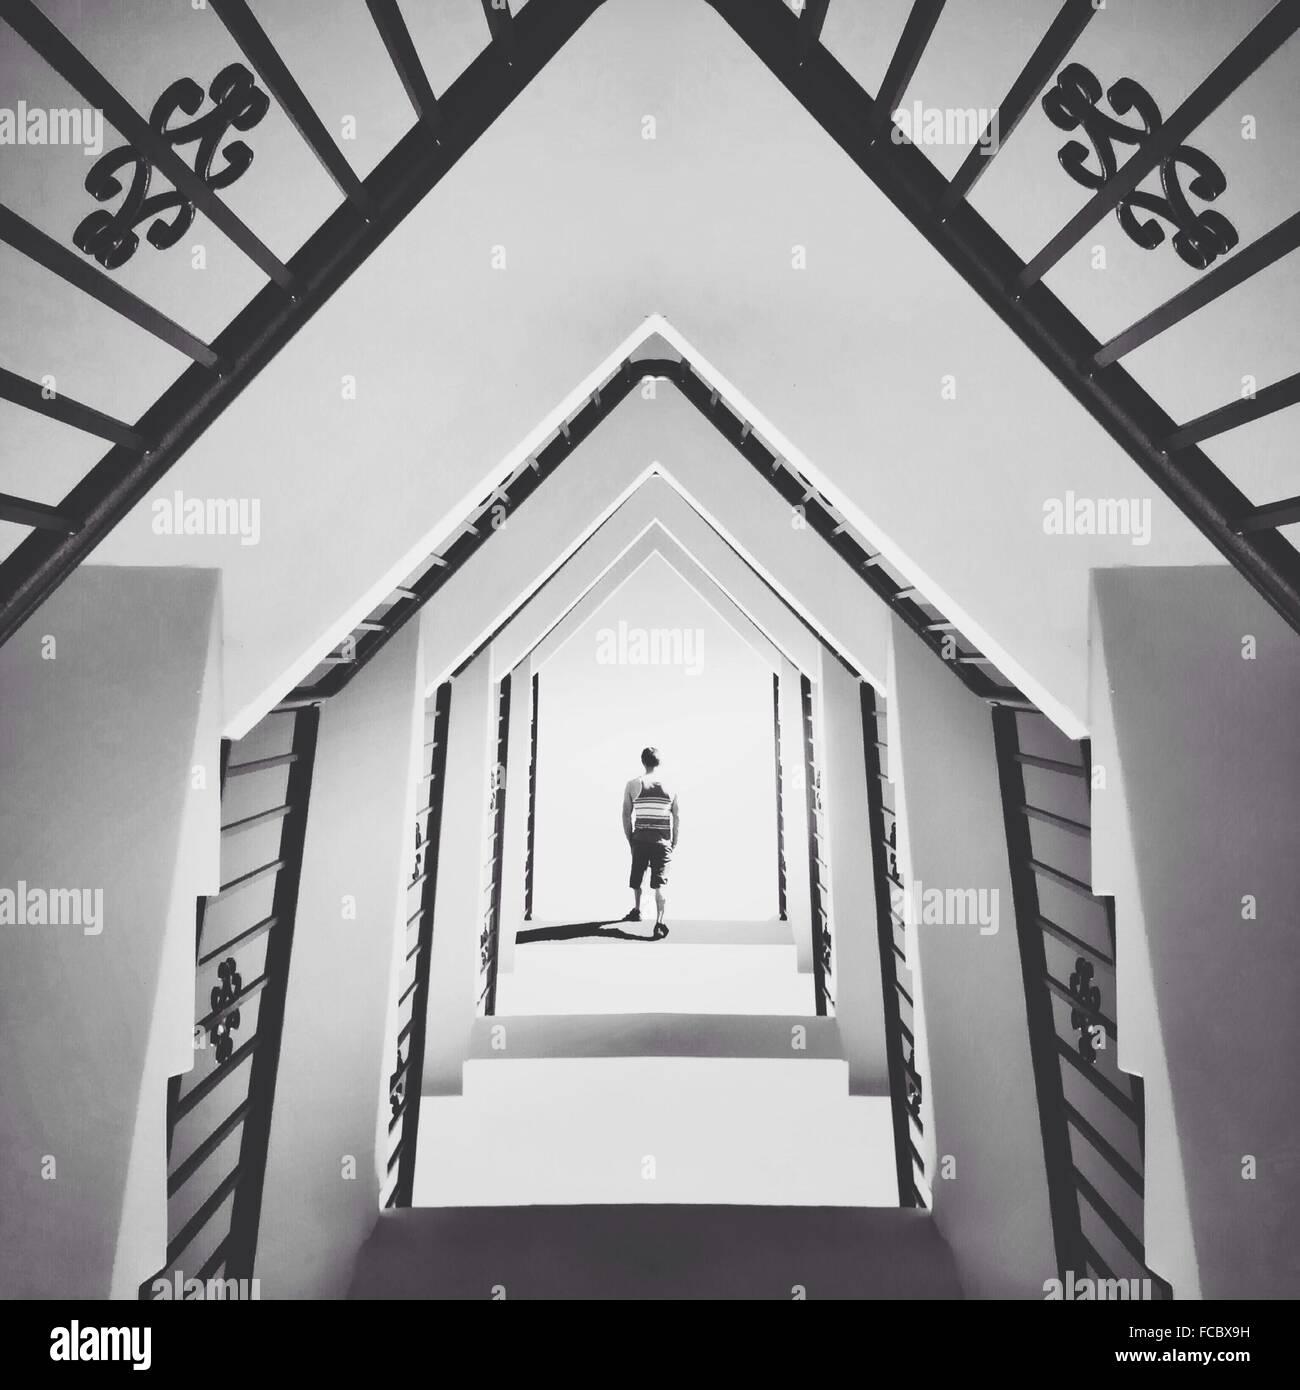 Homme marchant dans la construction abstraite Photo Stock